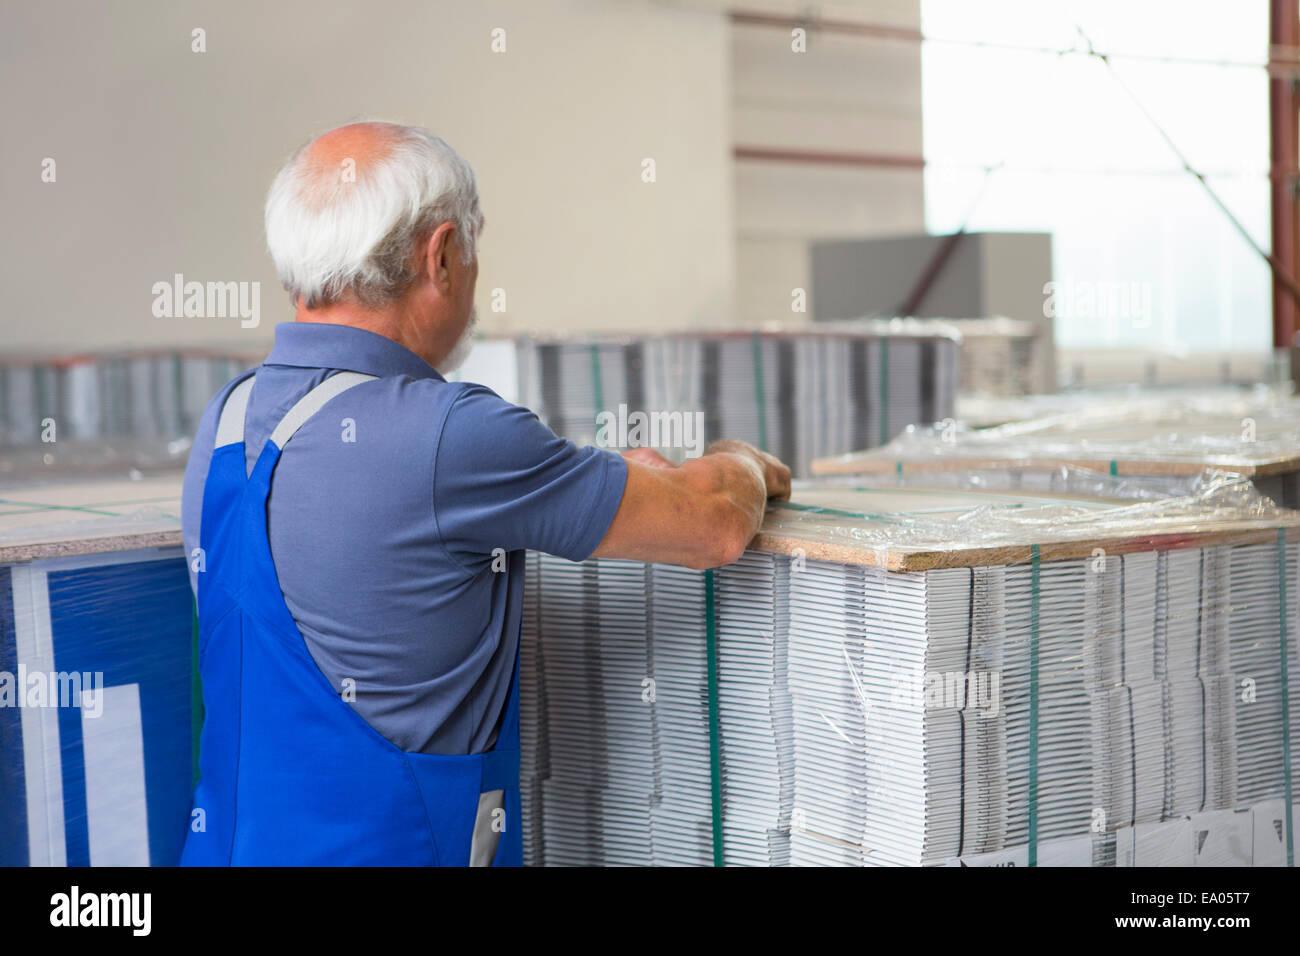 Fabrikarbeiter verschieben und Stapeln Karton Stockbild